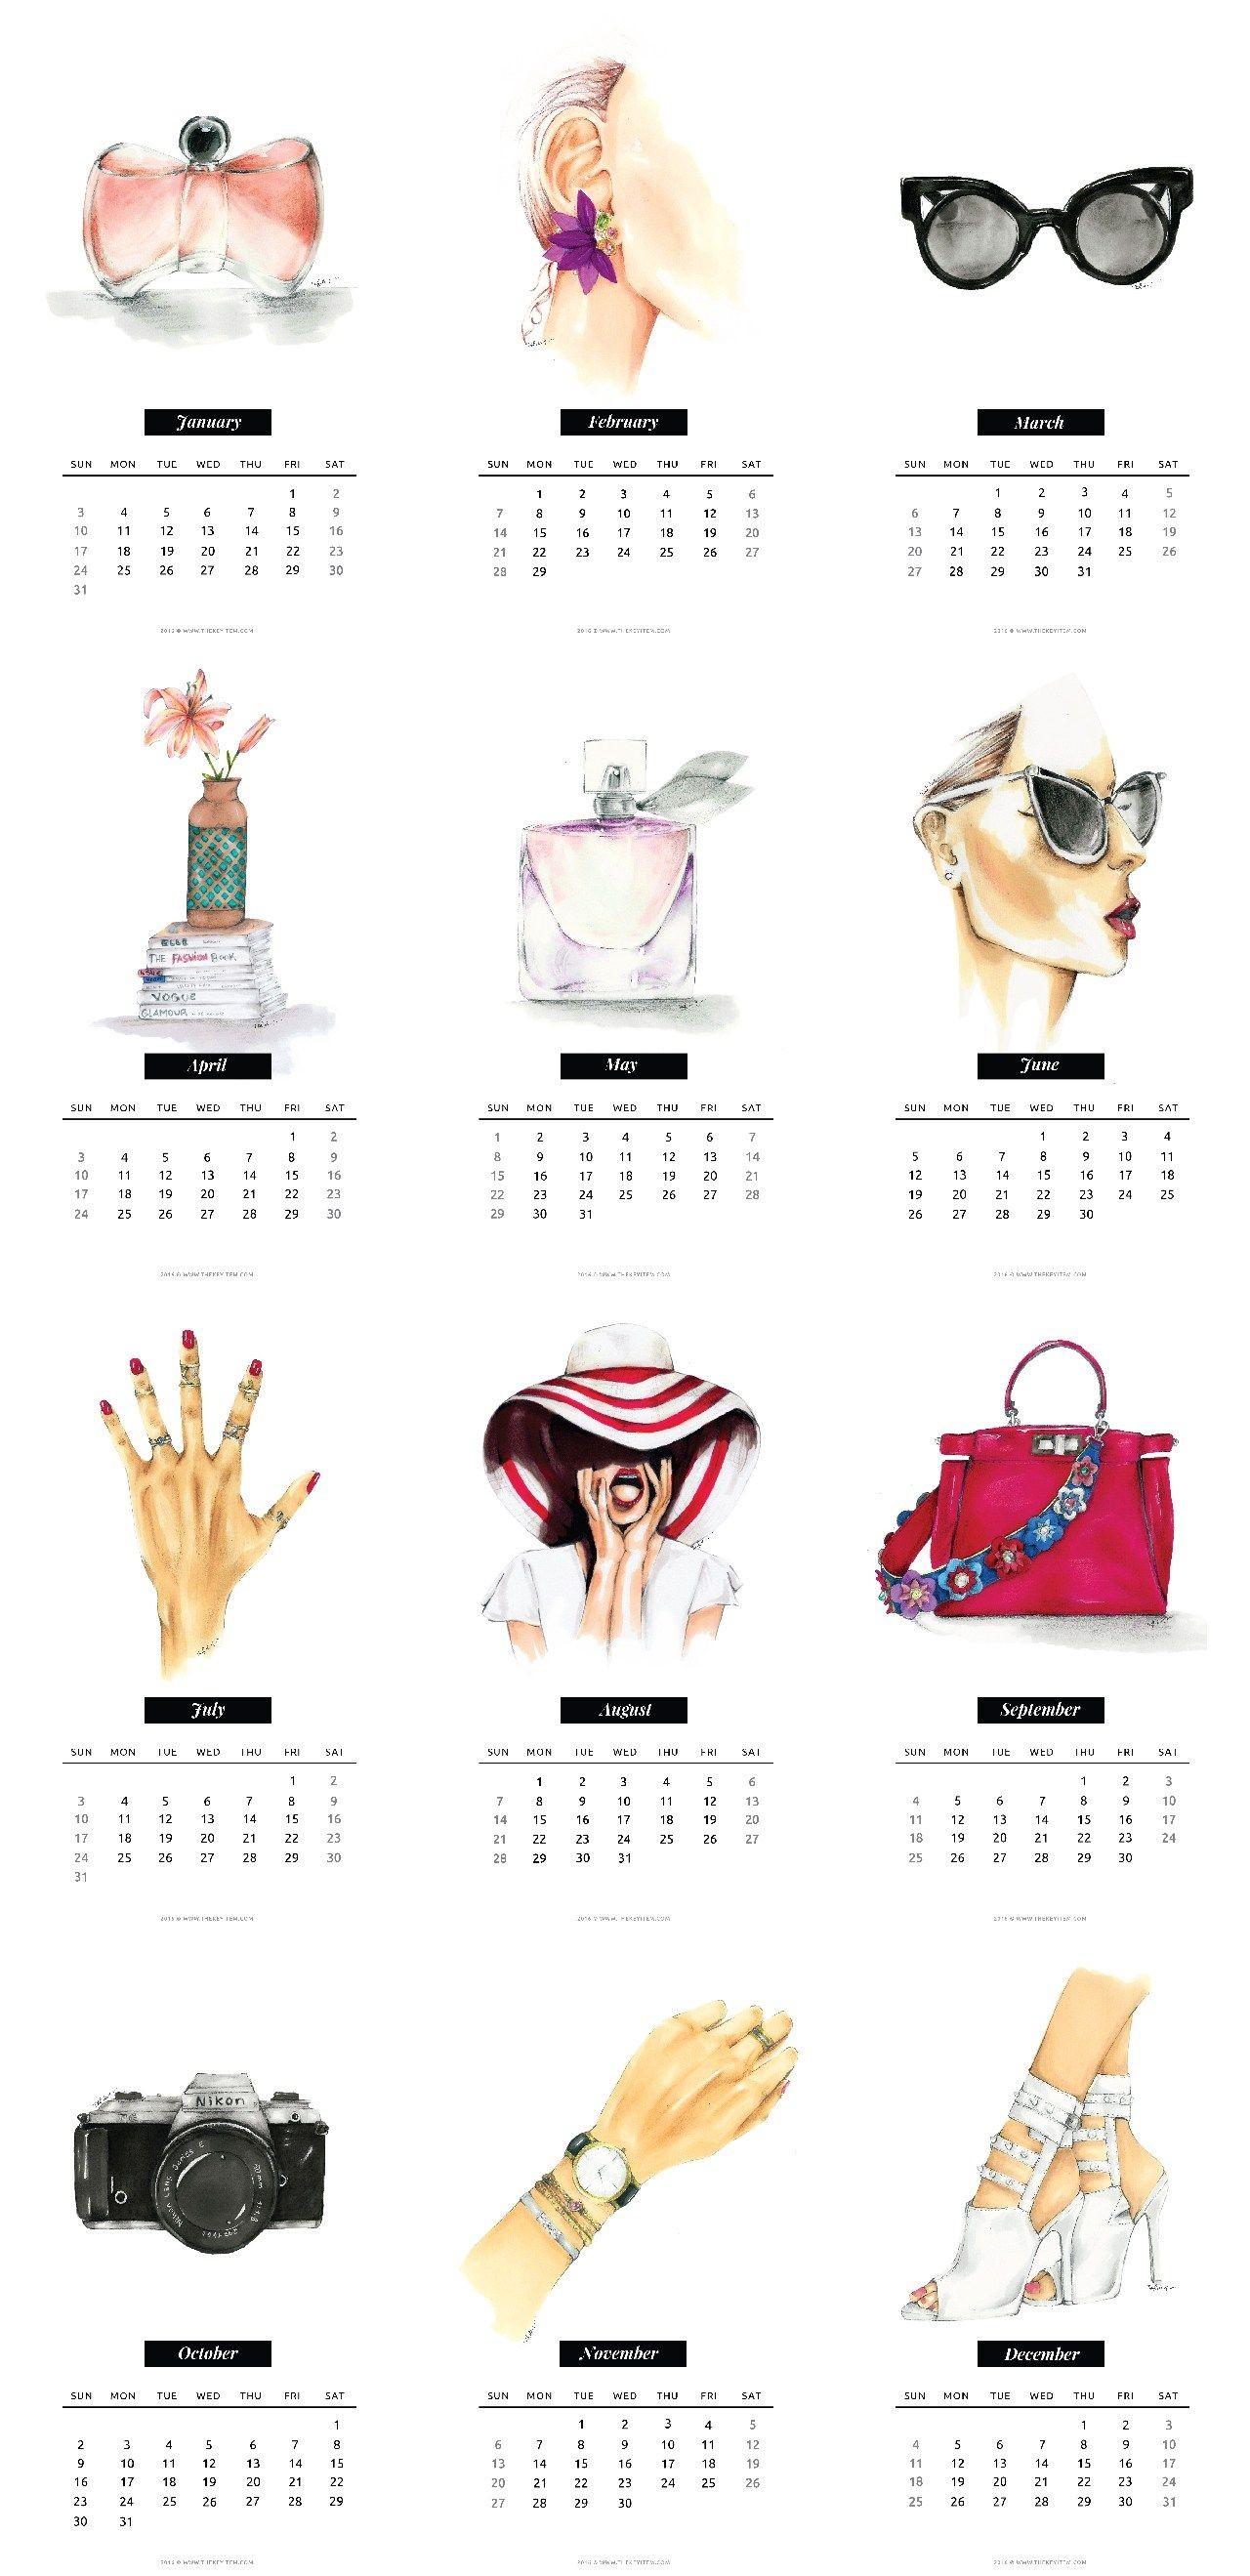 Calendario En Blanco Para Imprimir Pdf Más Populares Calendario Ilustrado 2016 Gratis Ilustraciones Of Calendario En Blanco Para Imprimir Pdf Más Actual Tutorial Publisher 2019